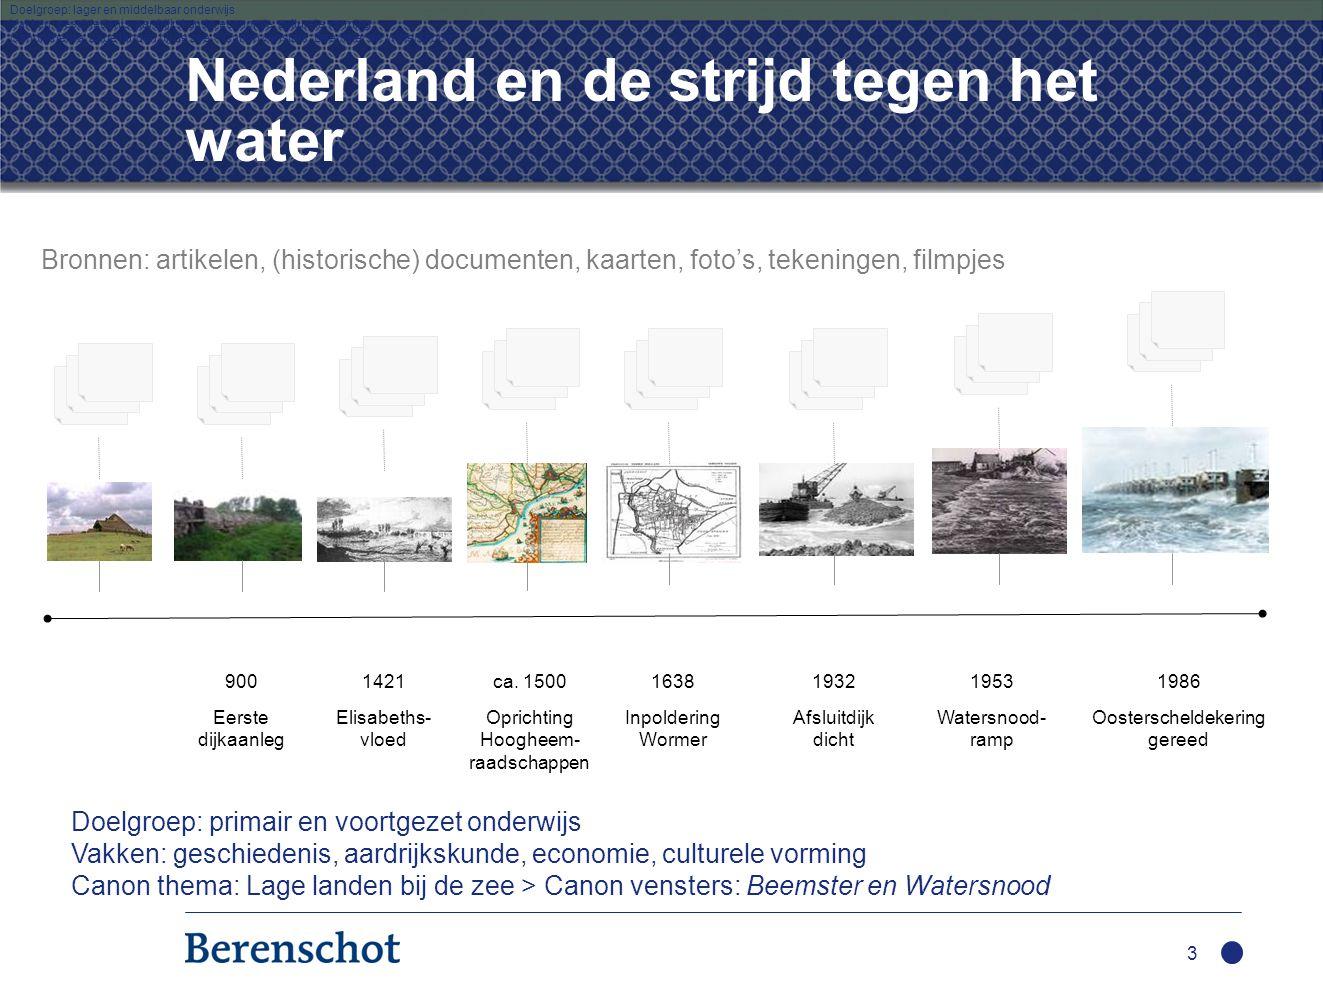 Nederland en de strijd tegen het water 3 1986 Oosterscheldekering gereed 900 Eerste dijkaanleg 1421 Elisabeths- vloed ca.